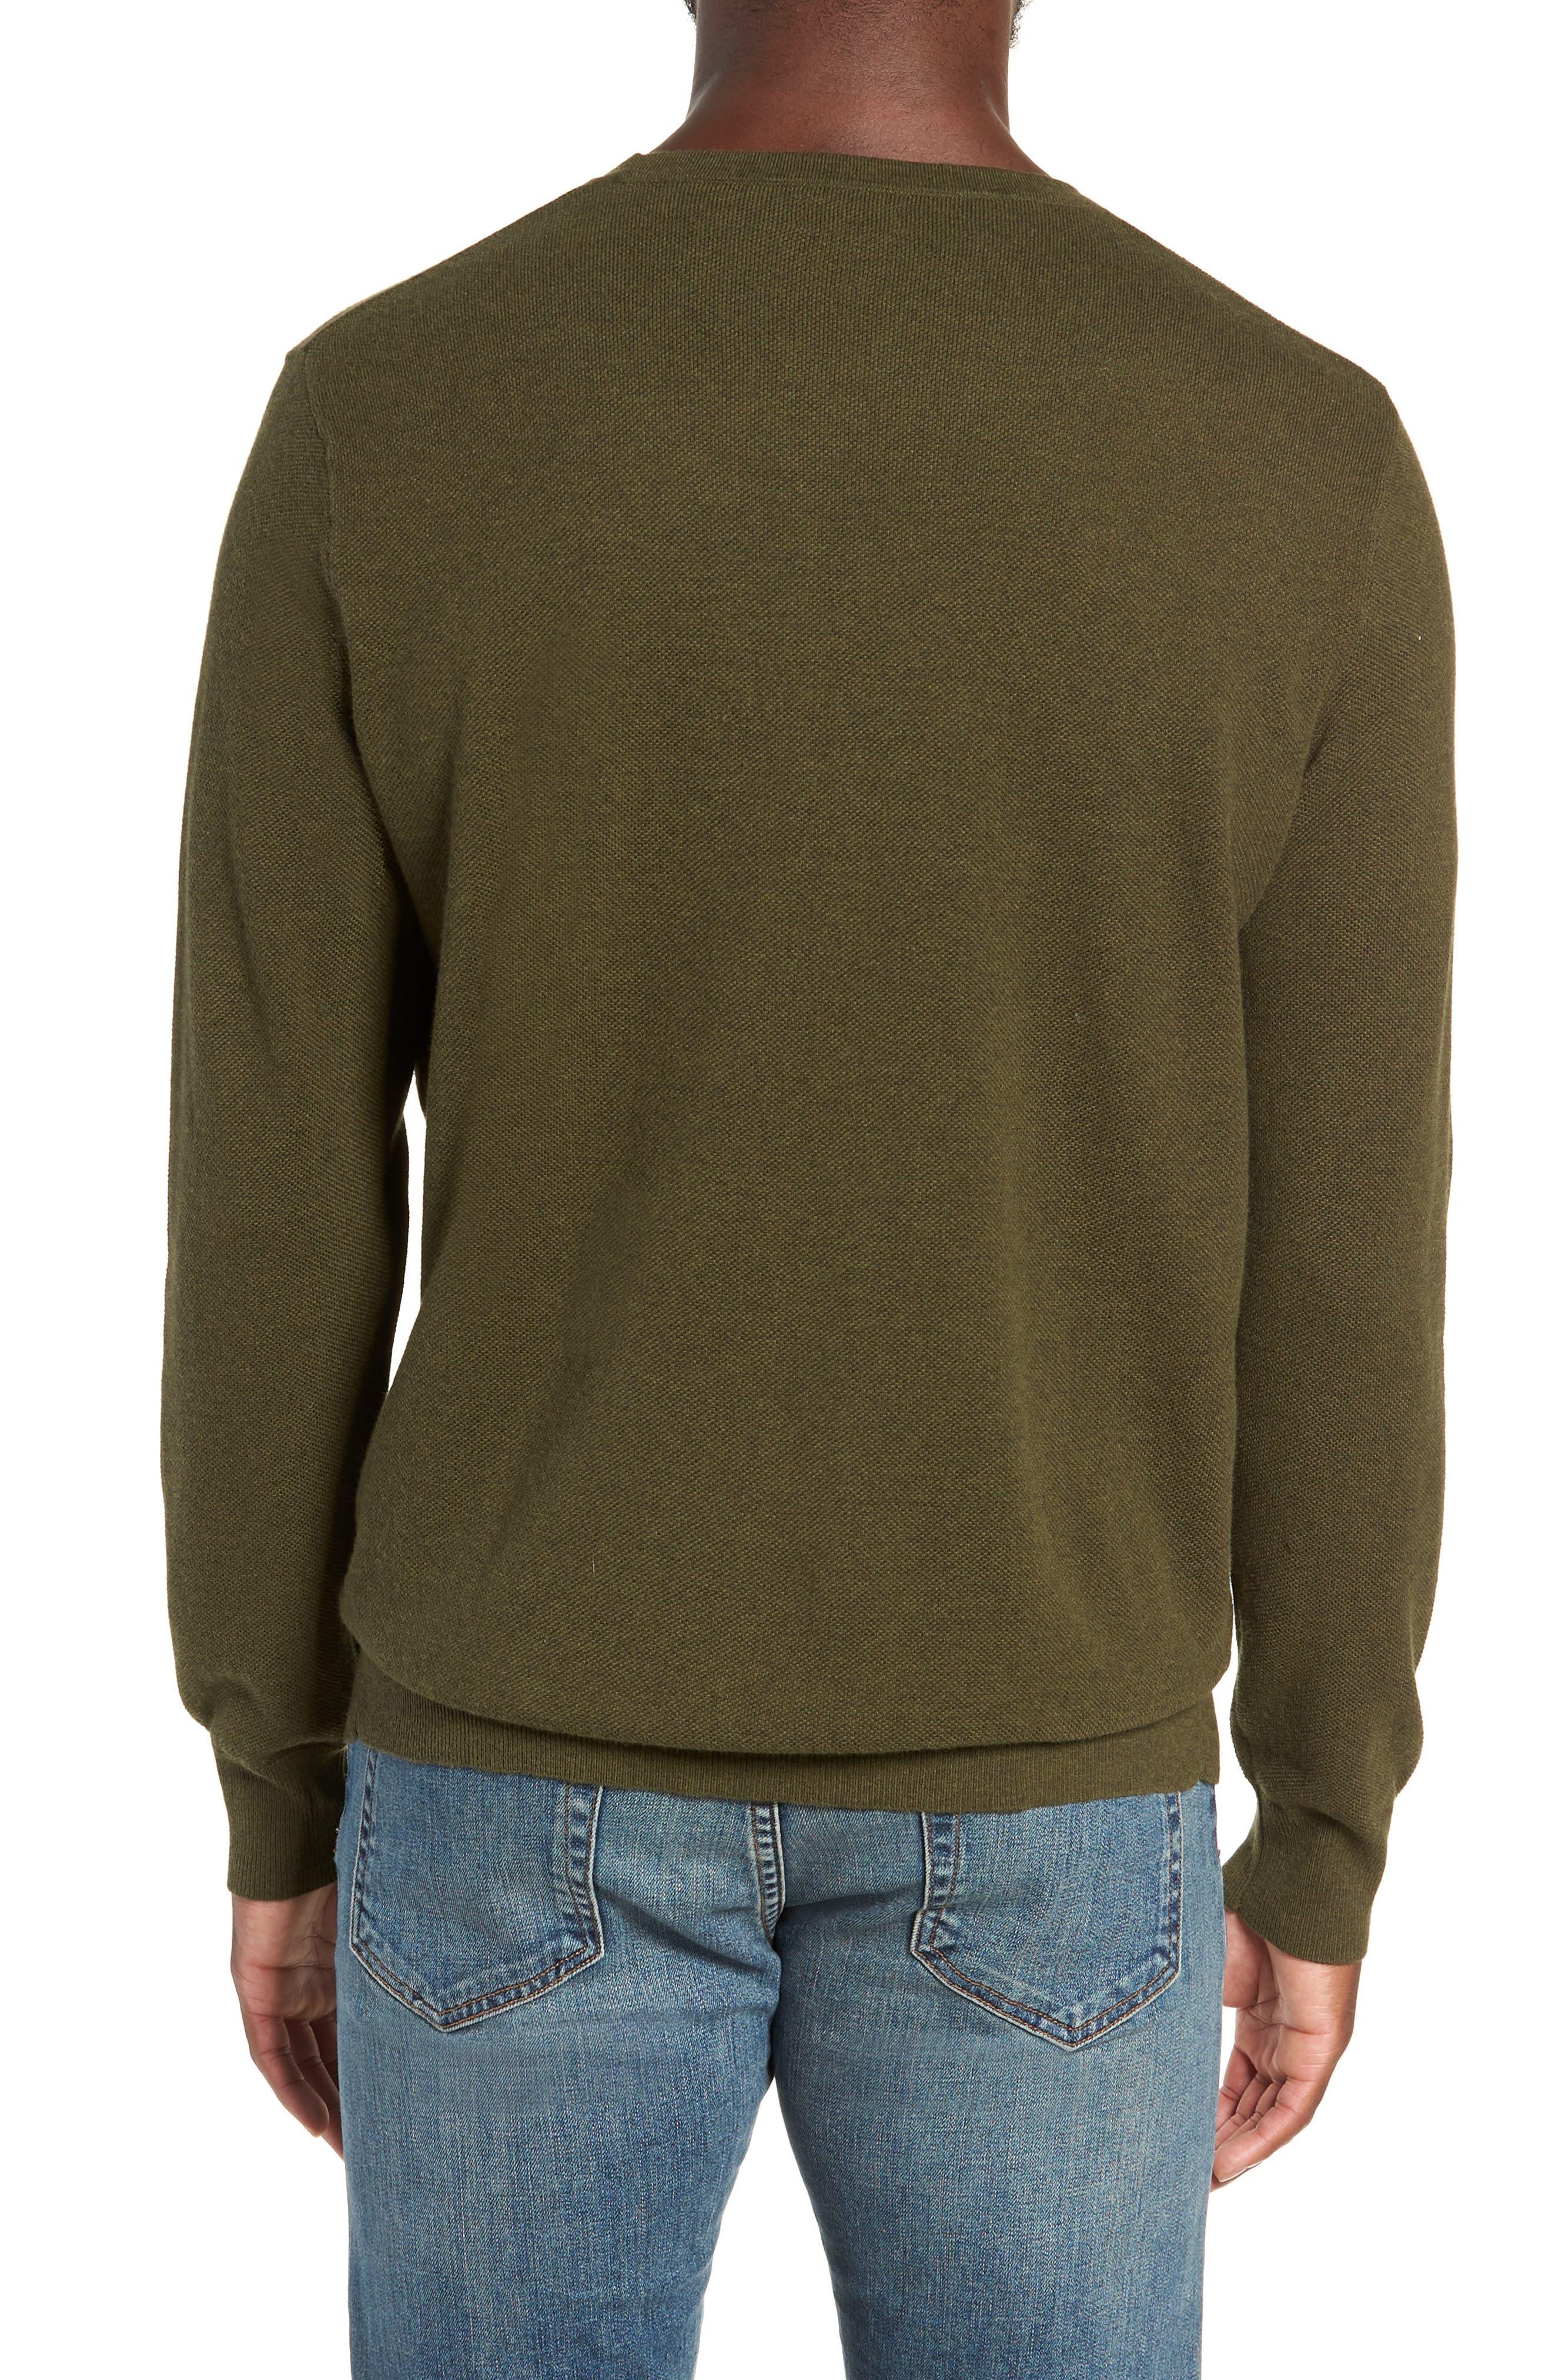 Cotton & Cashmere Piqué Crewneck Sweater,                             Alternate thumbnail 2, color,                             HEATHER OLIVE